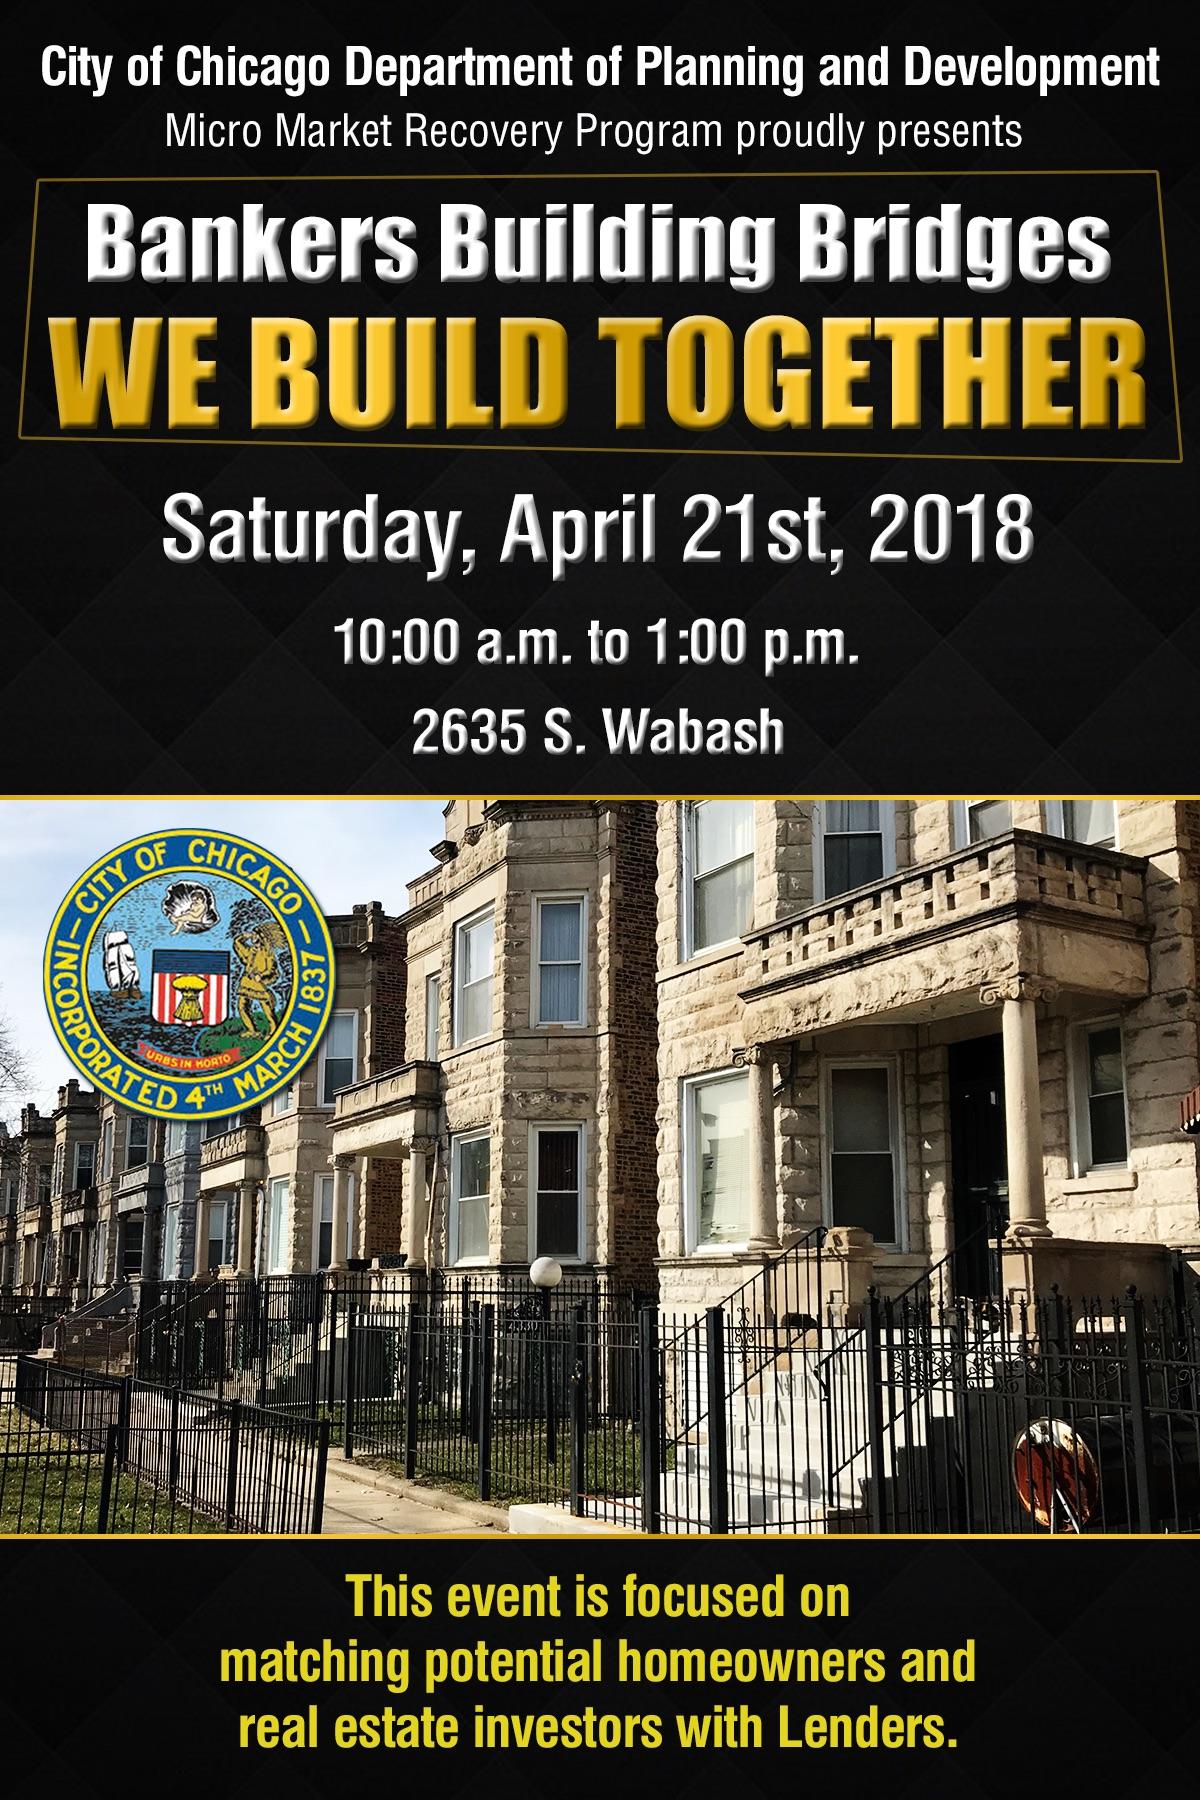 We BUILD TOGETHER